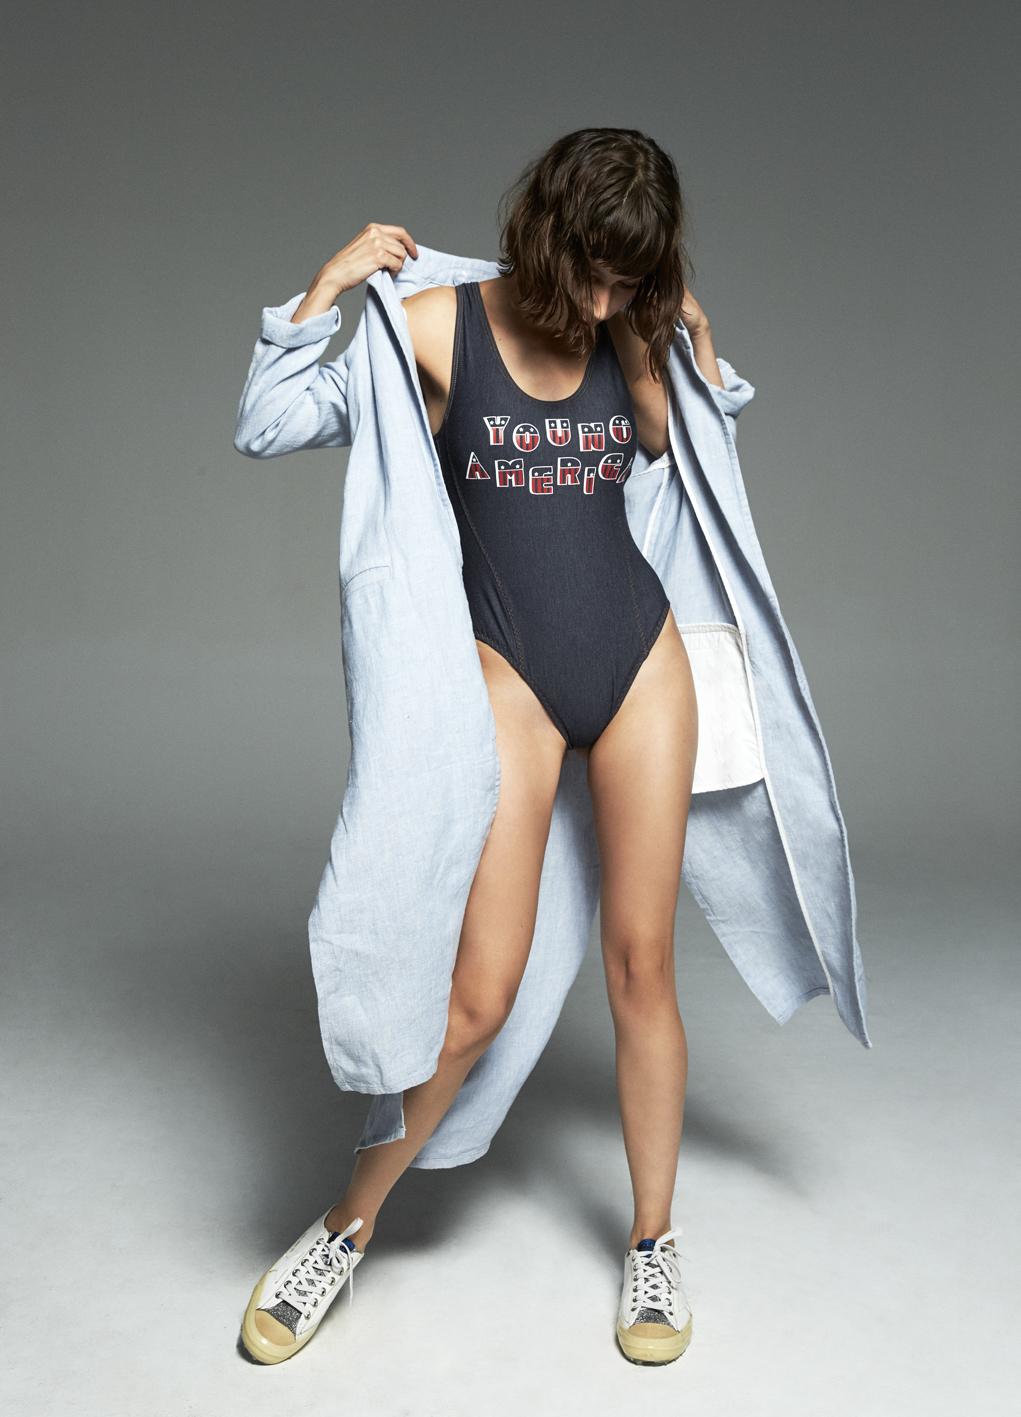 La actriz lleva traje de baño entero con serigrafía de TOMMY...